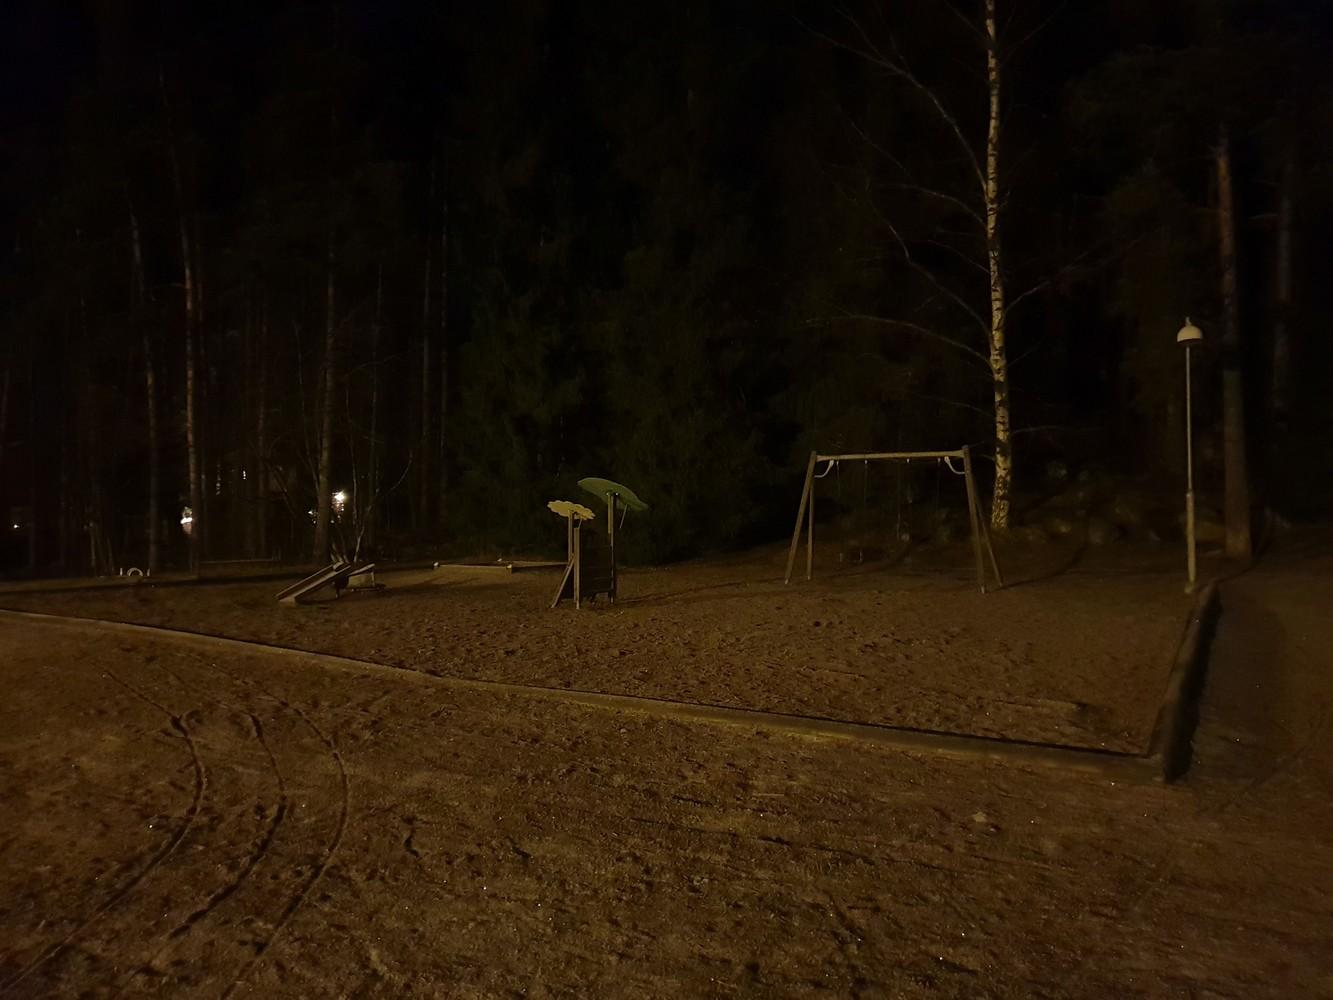 Jyrkinpuiston leikkipaikka paremmaksi